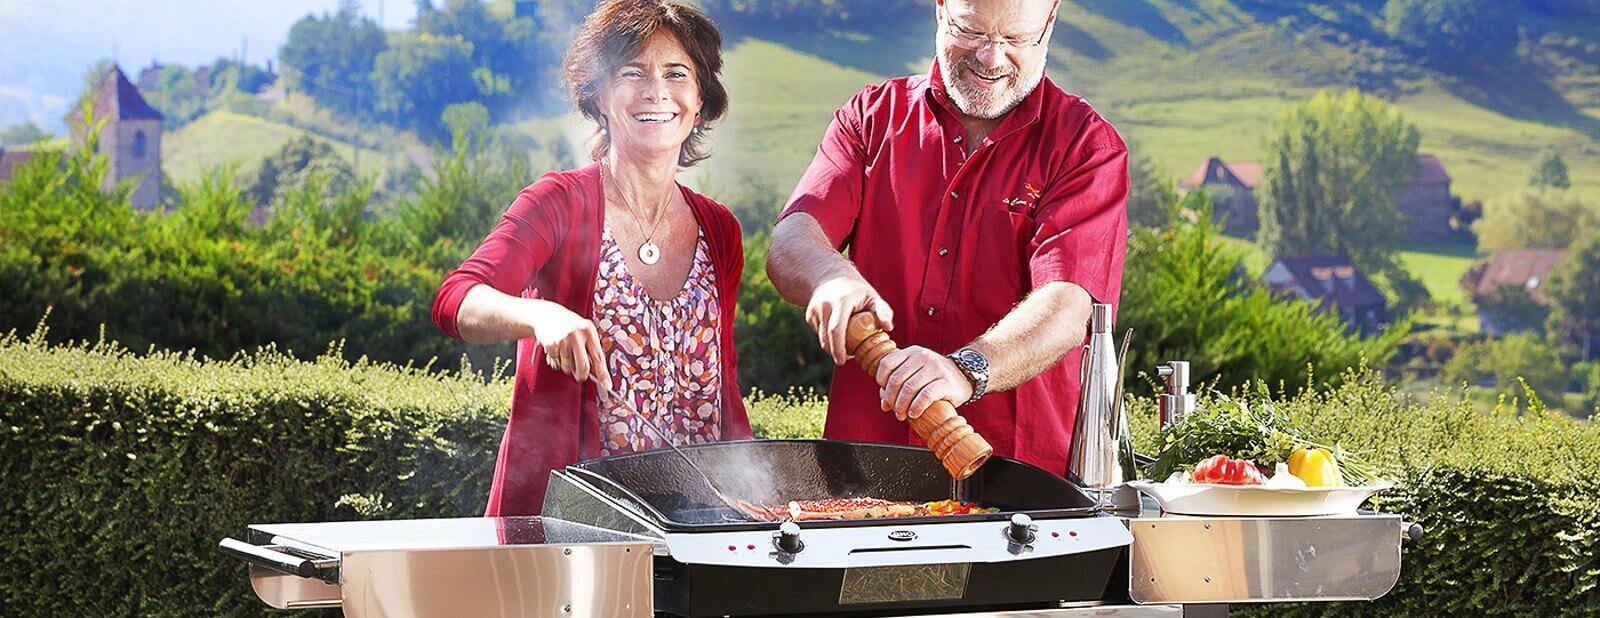 Réinventez la cuisine d'extérieur